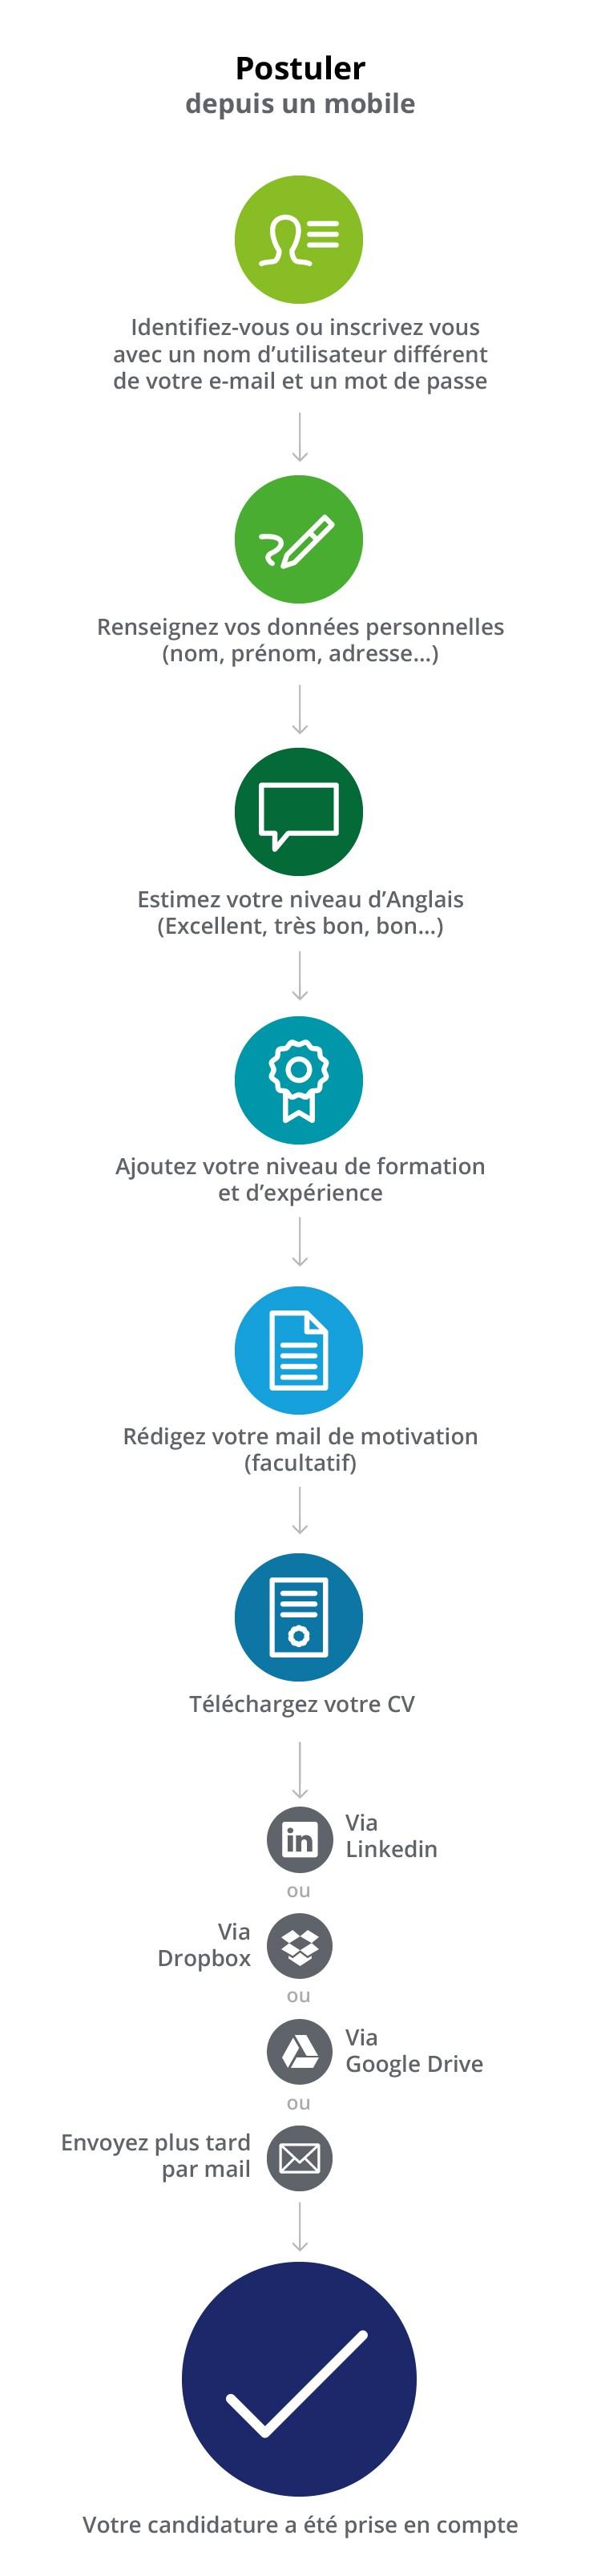 161005-MiniInfographies-Postuler-sur-Deloitterecrute.fr-depuis-un-mobile